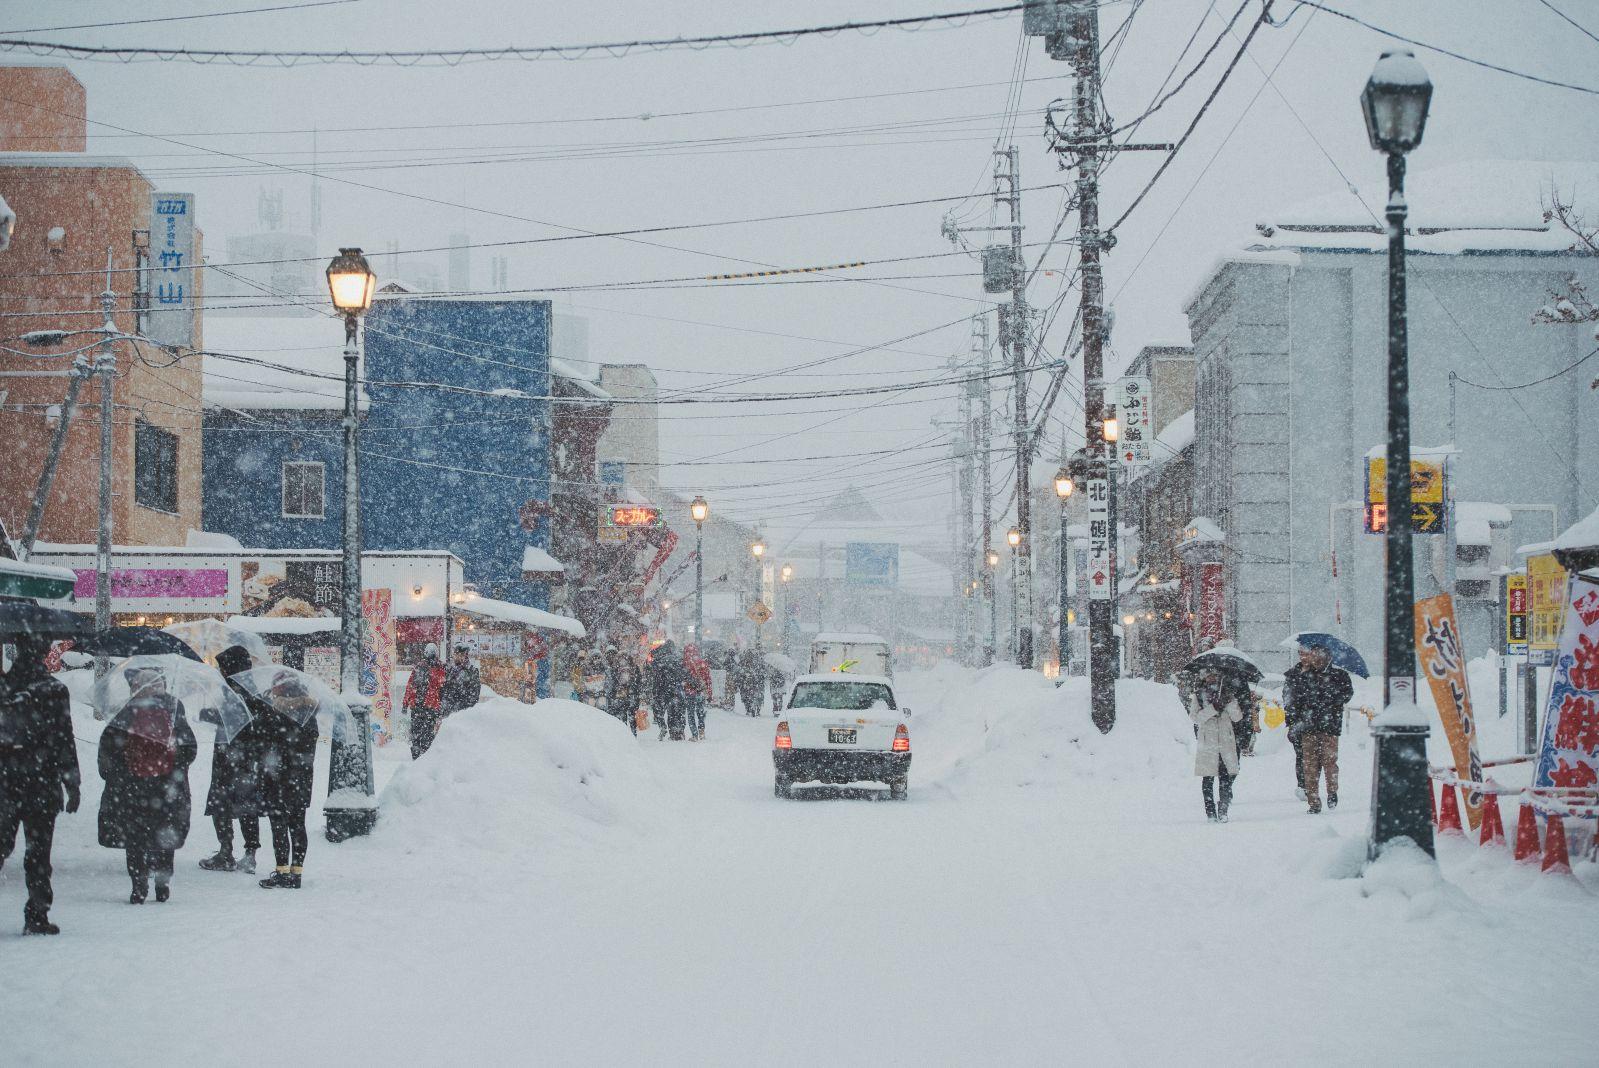 大雪拍攝,小樽運河雪景